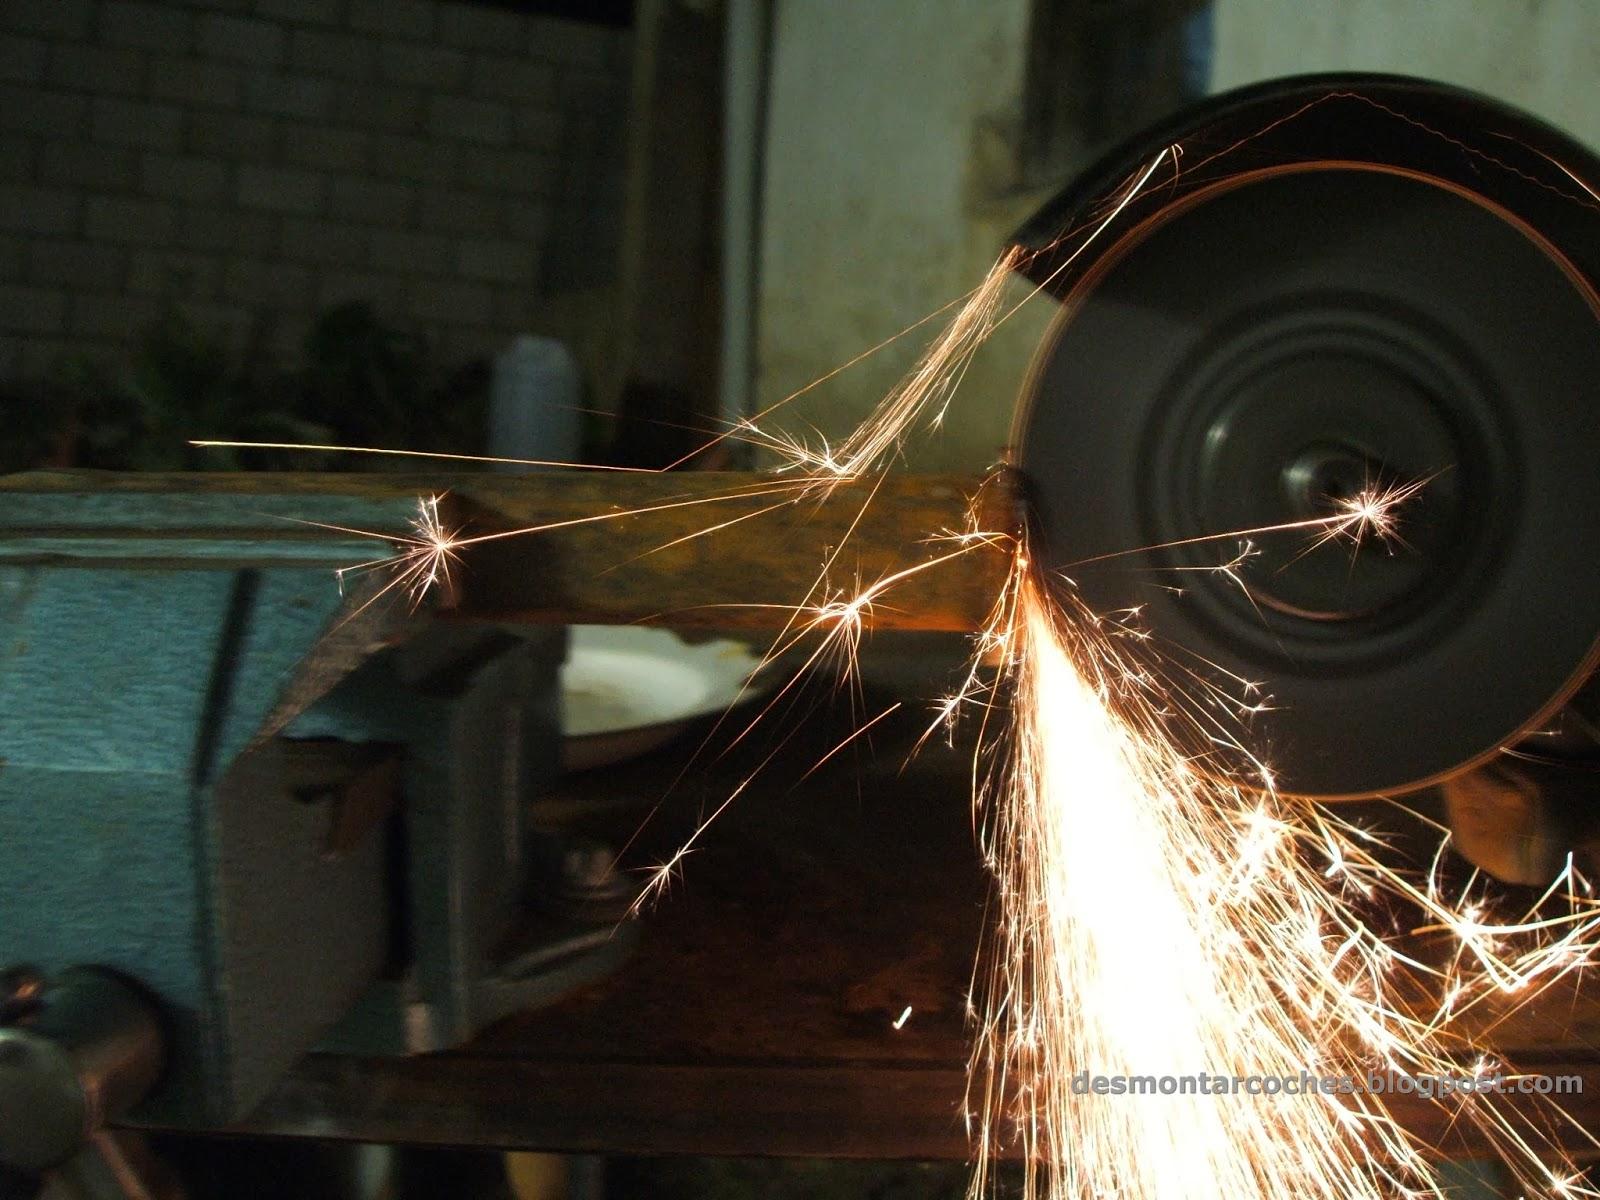 Desmontar coches cortar con la radial for Cortar madera con radial